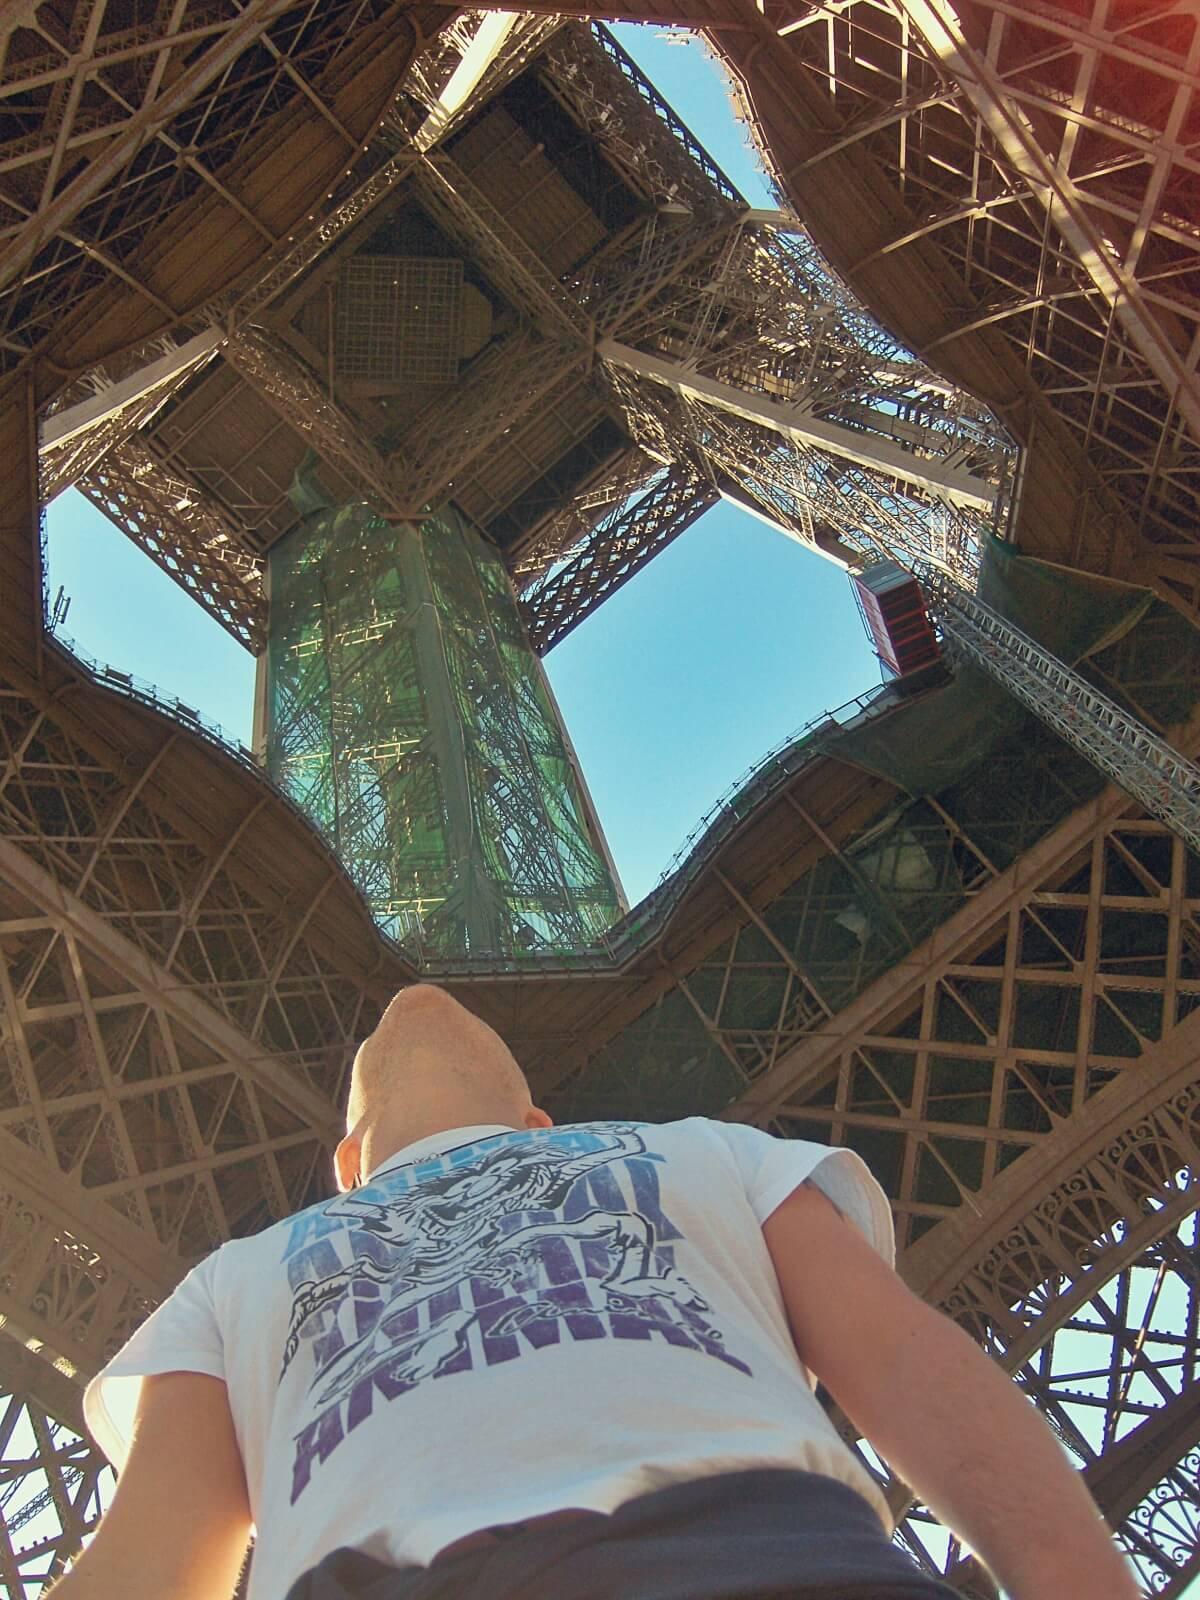 Bloger podróżniczy podziwia wieżę Eiffla.